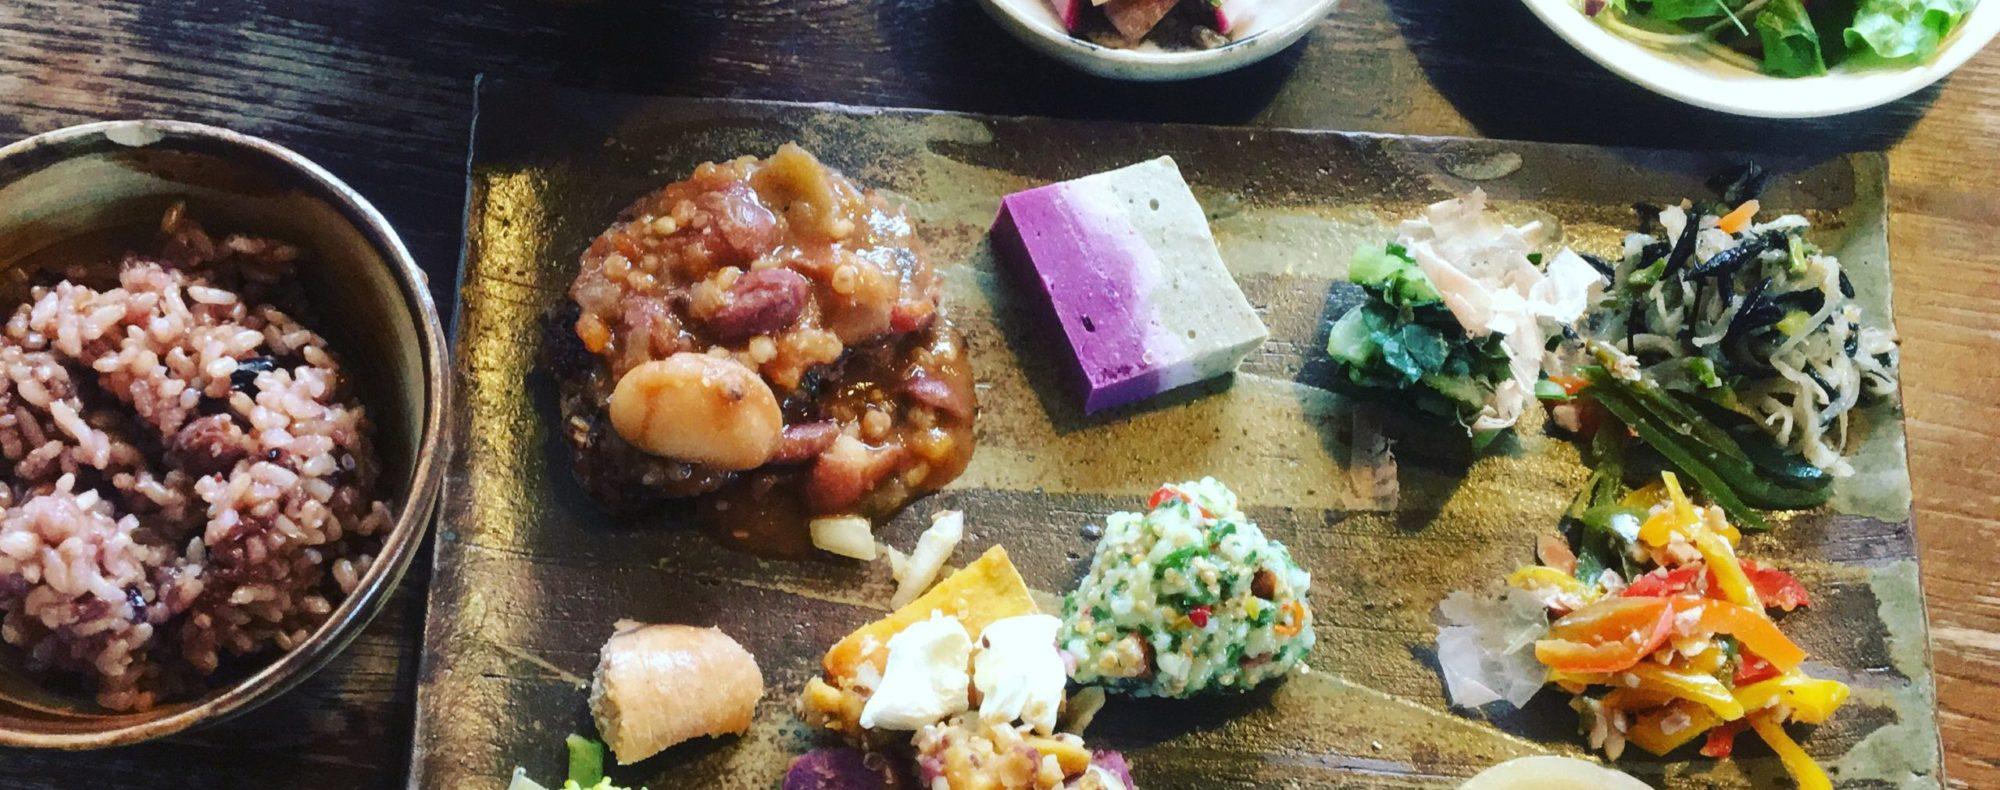 かぜのねシェアキッチンHozu ままやのお豆と雑穀のランチ